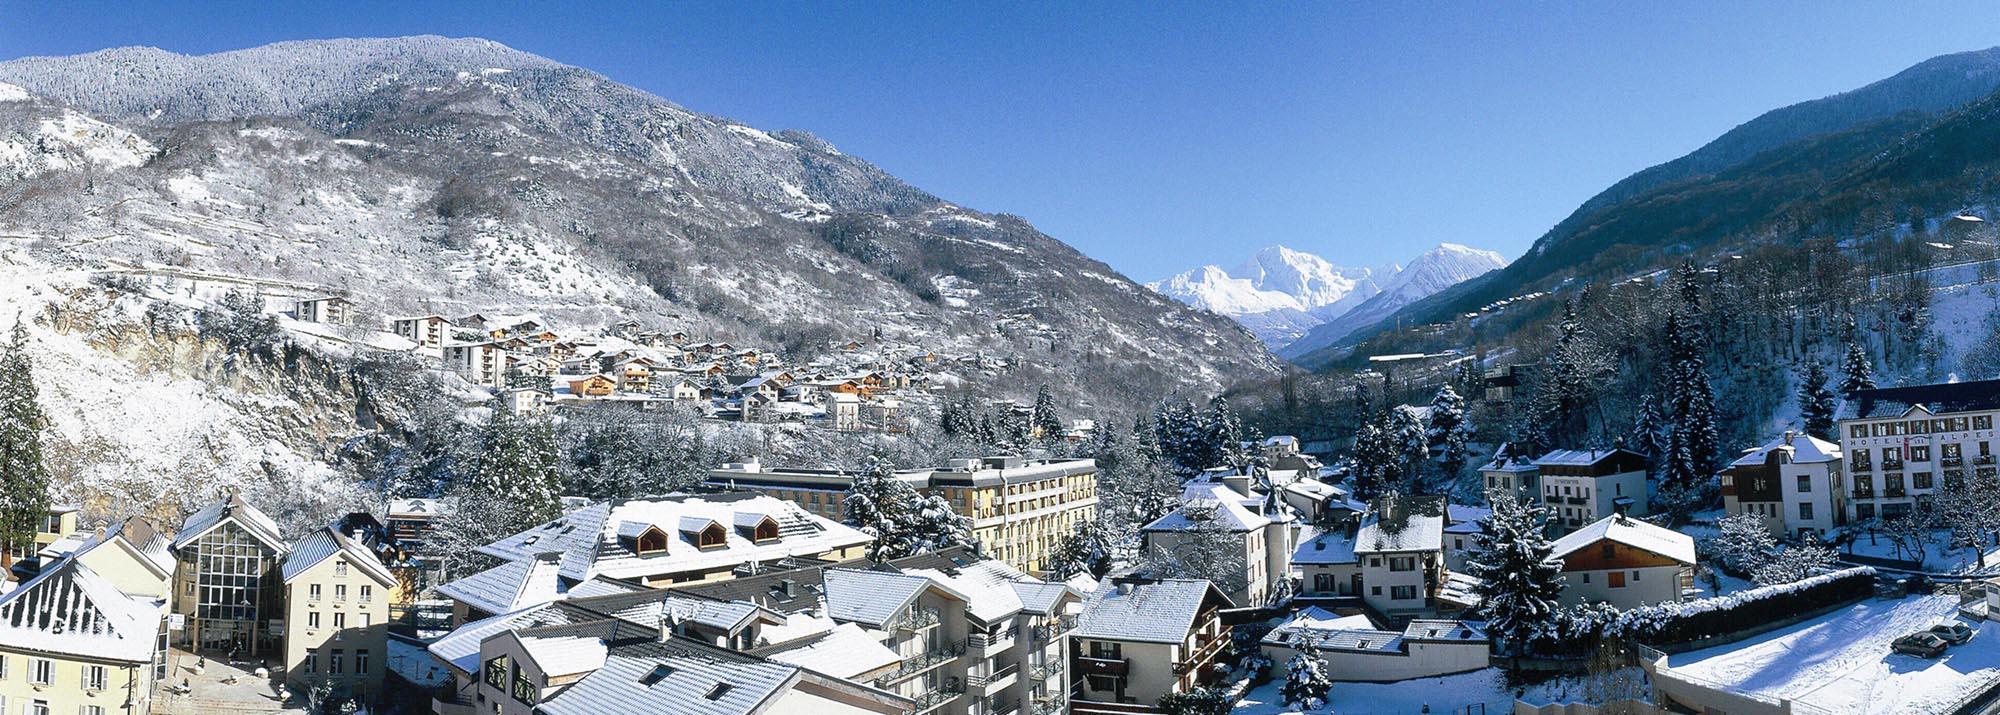 Accueil Htel Des Alpes Brides Les Bains